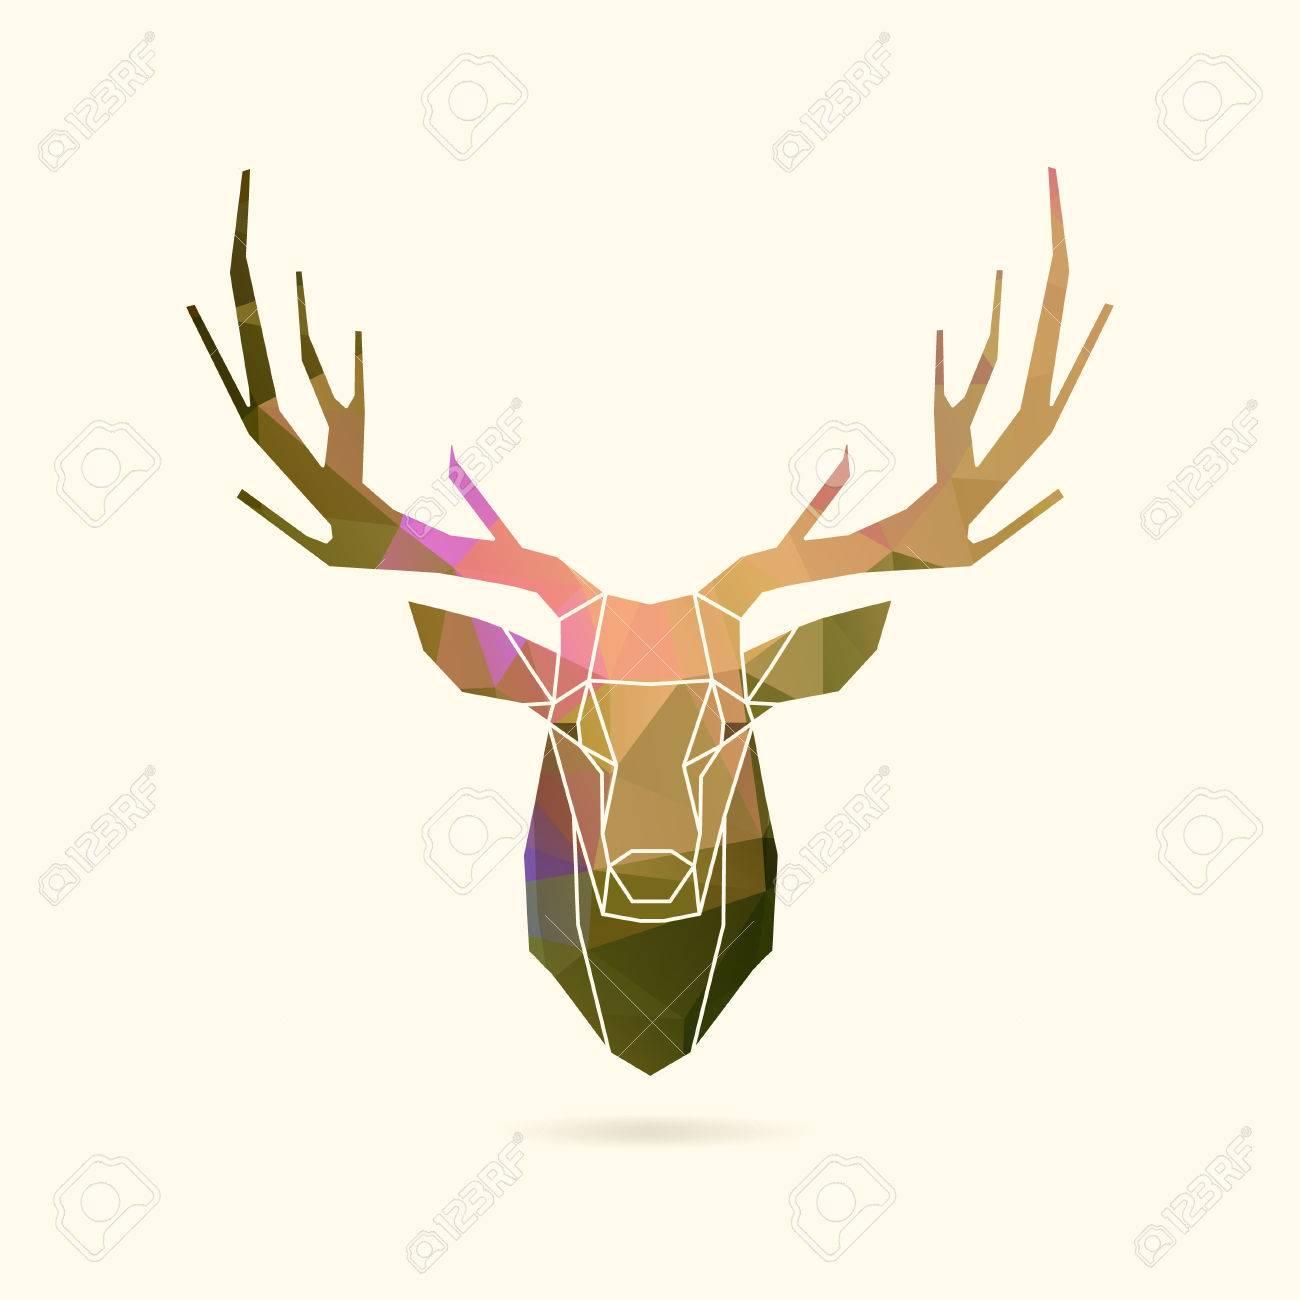 deer frame head, polygon portrait illustration